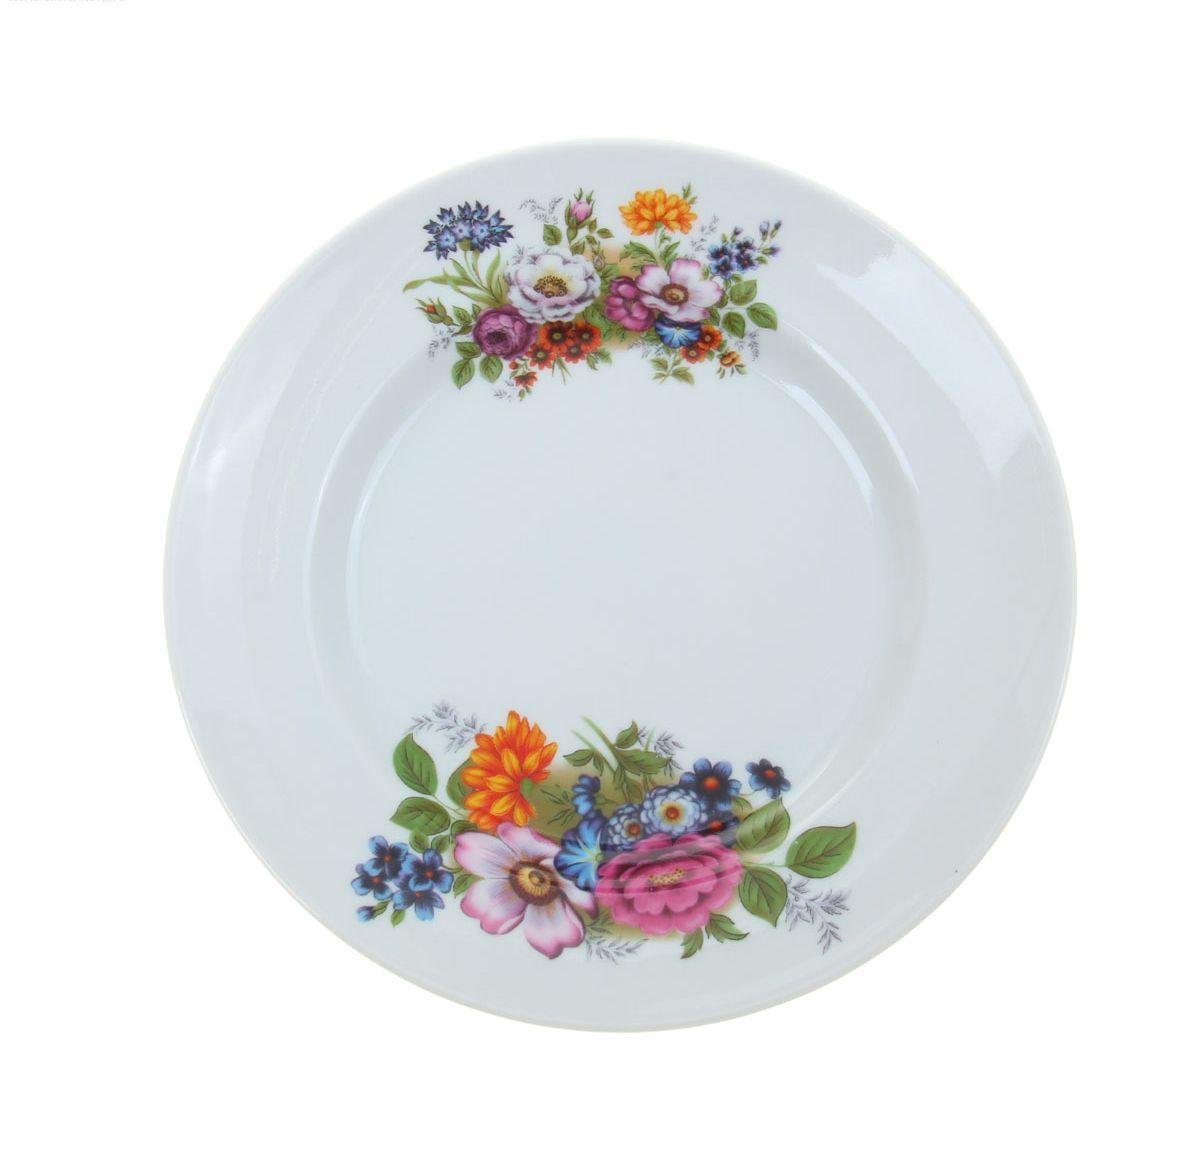 Тарелка мелкая Идиллия. Букет цветов, диаметр 20 см1035429